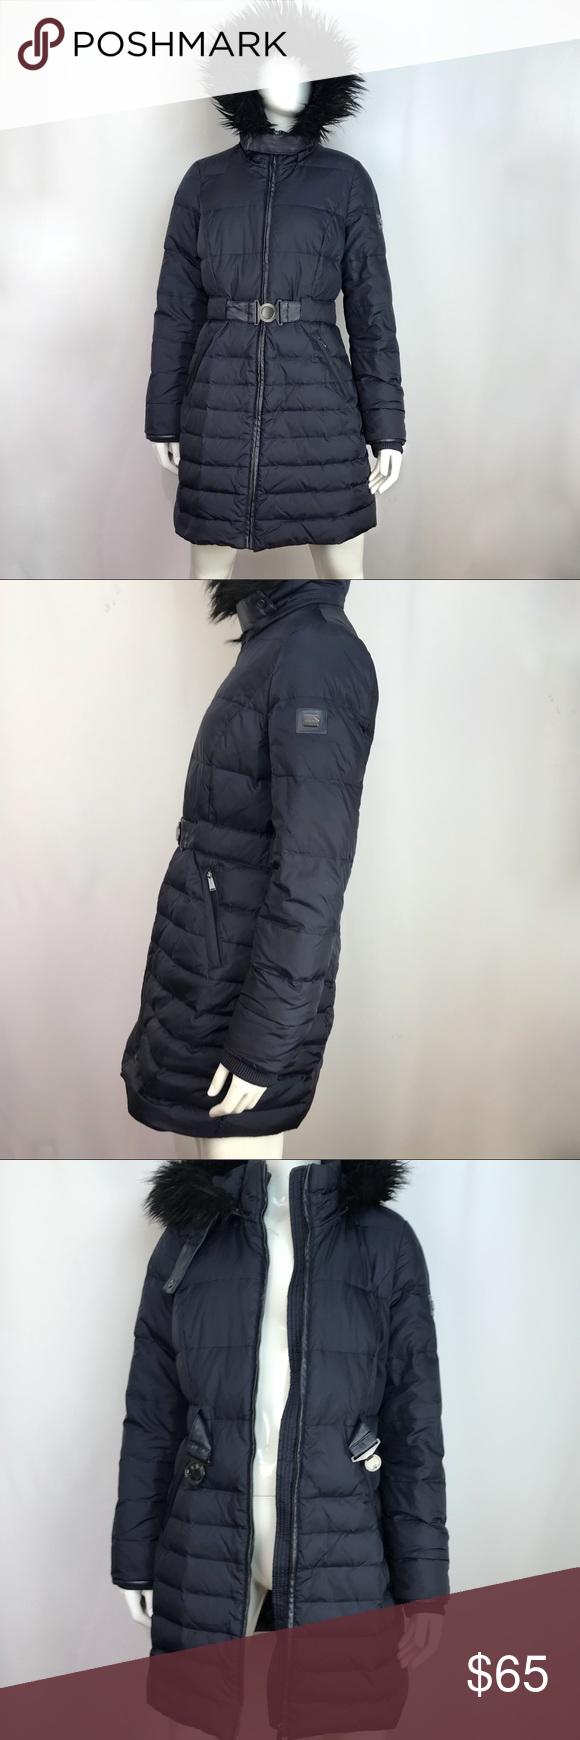 Dkny Navy Blue Hooded Coat Utility Parka Jacket Dkny Navy Blue Hooded Coat Utility Parka Faux Fur Removable Jacket Sz M In Pr Hooded Coat Parka Jacket Jackets [ 1740 x 580 Pixel ]